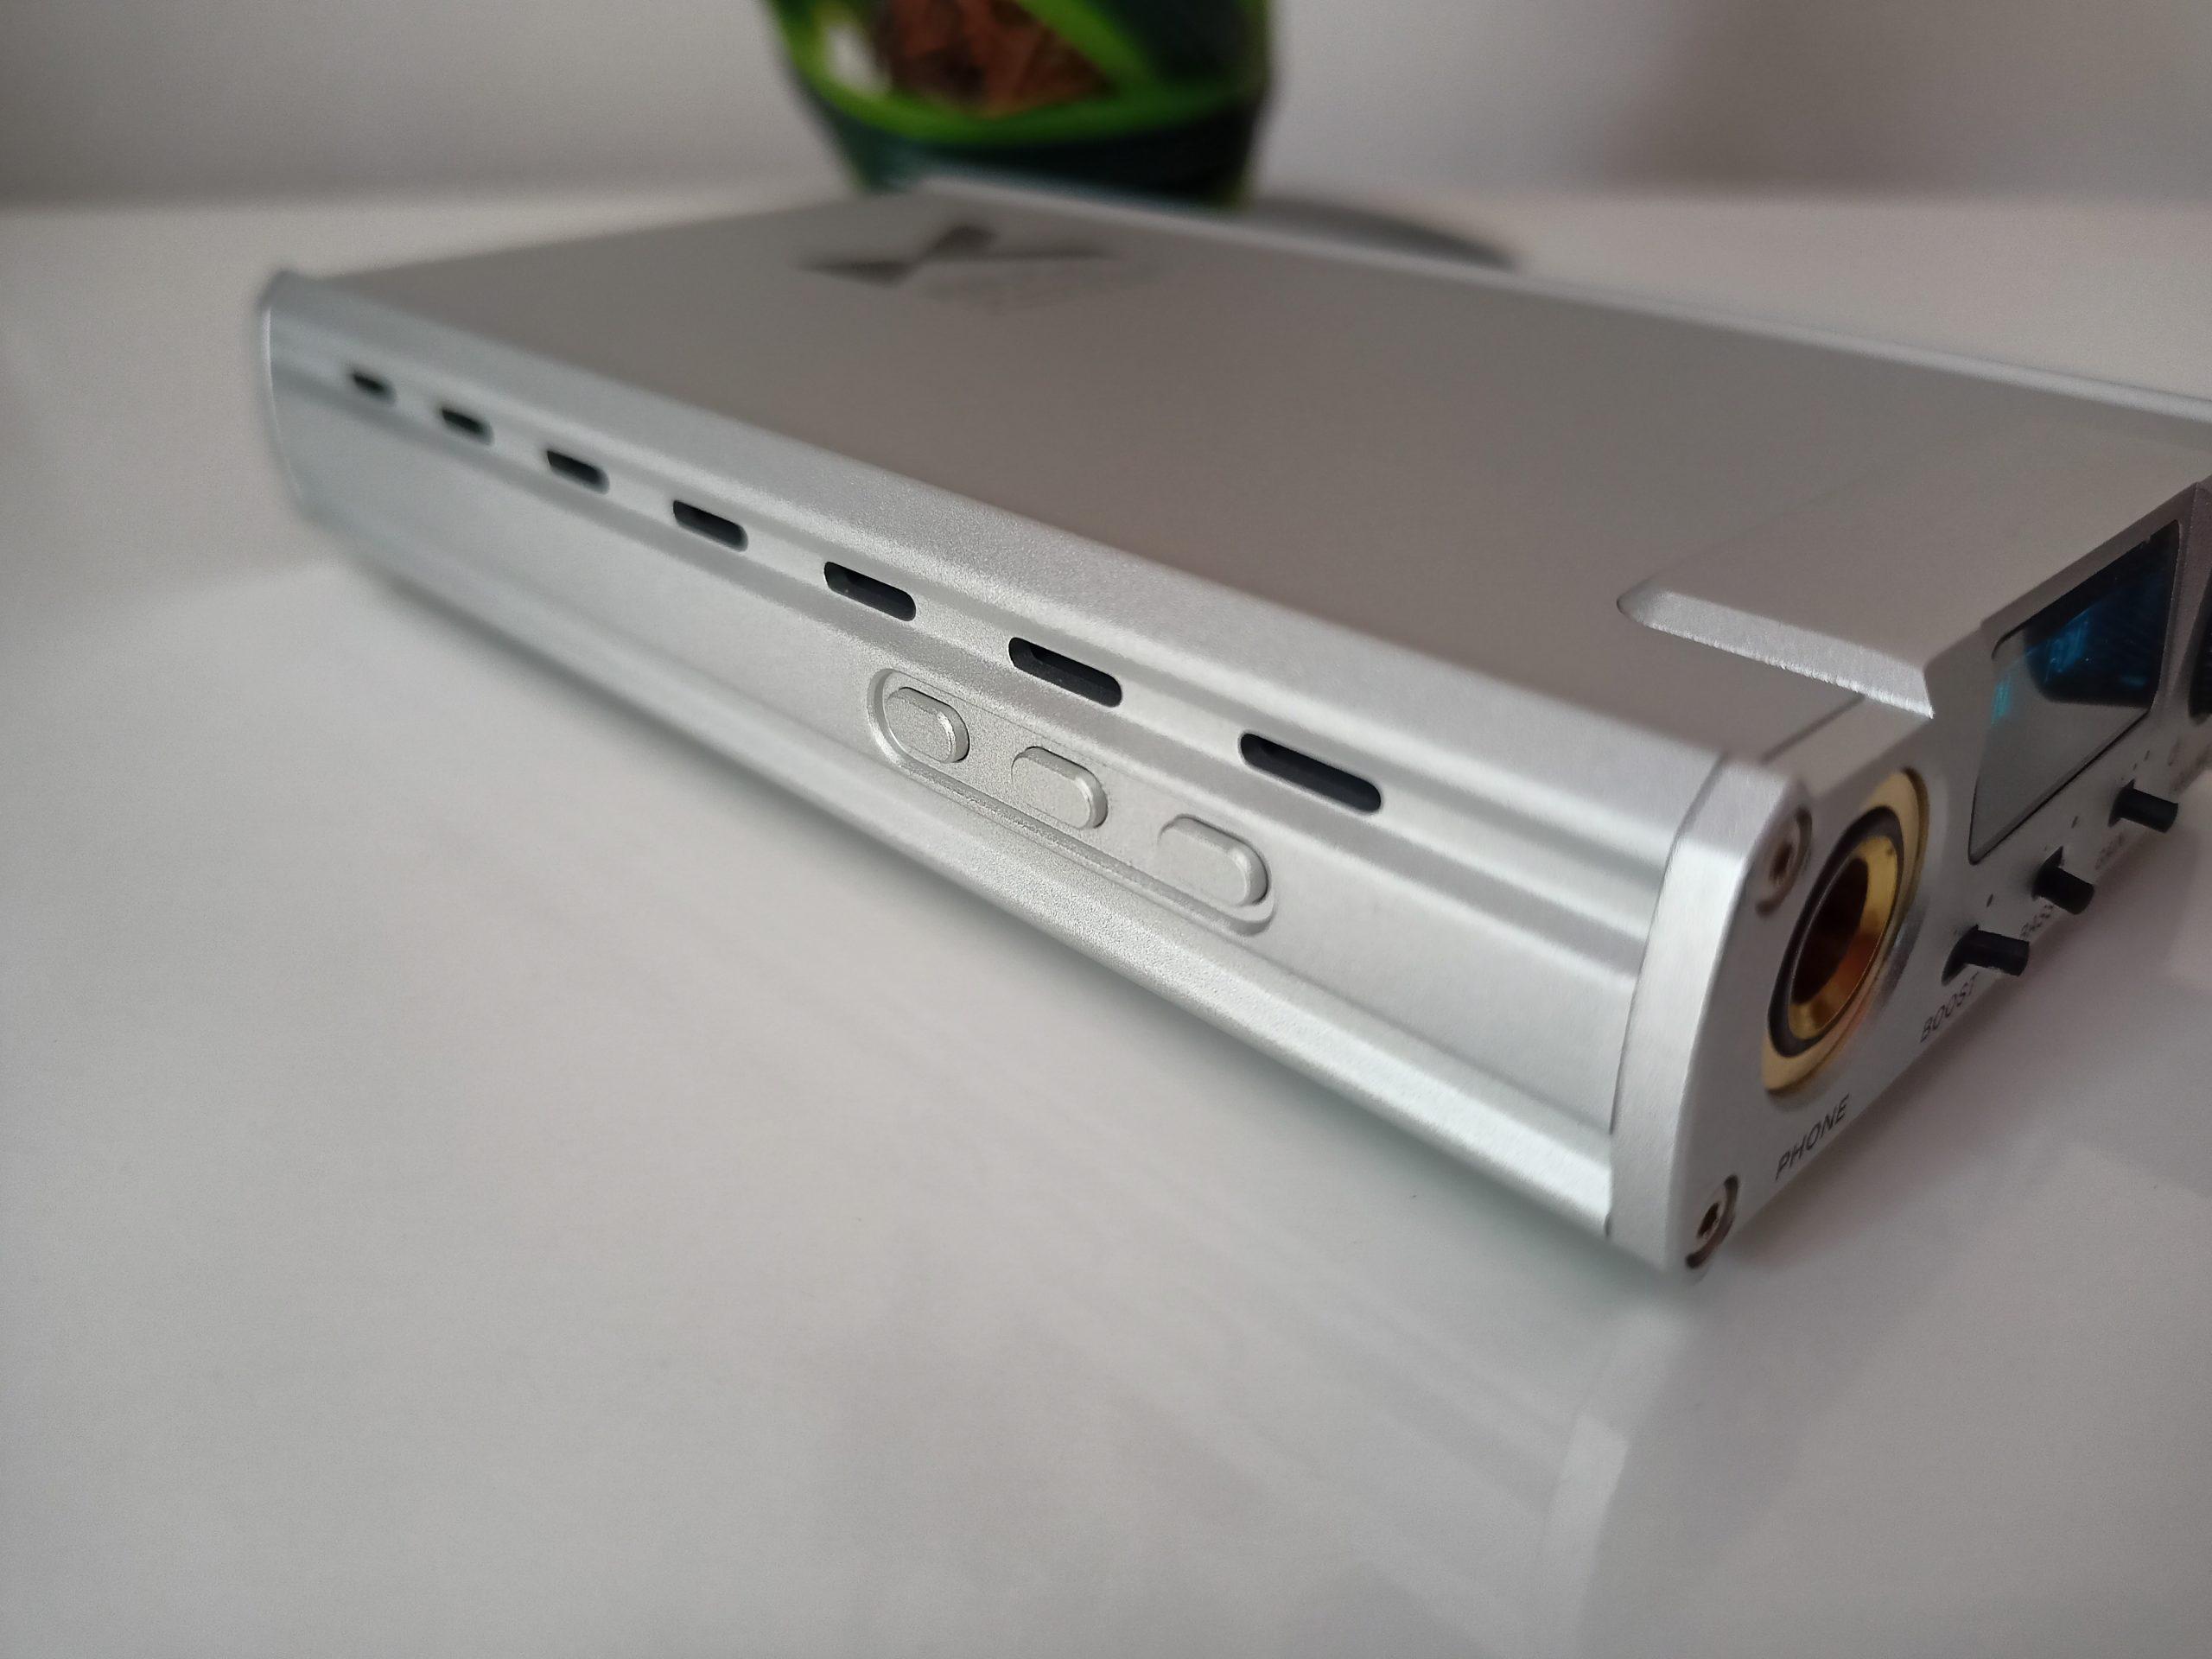 XD05 Plus boutons latéraux